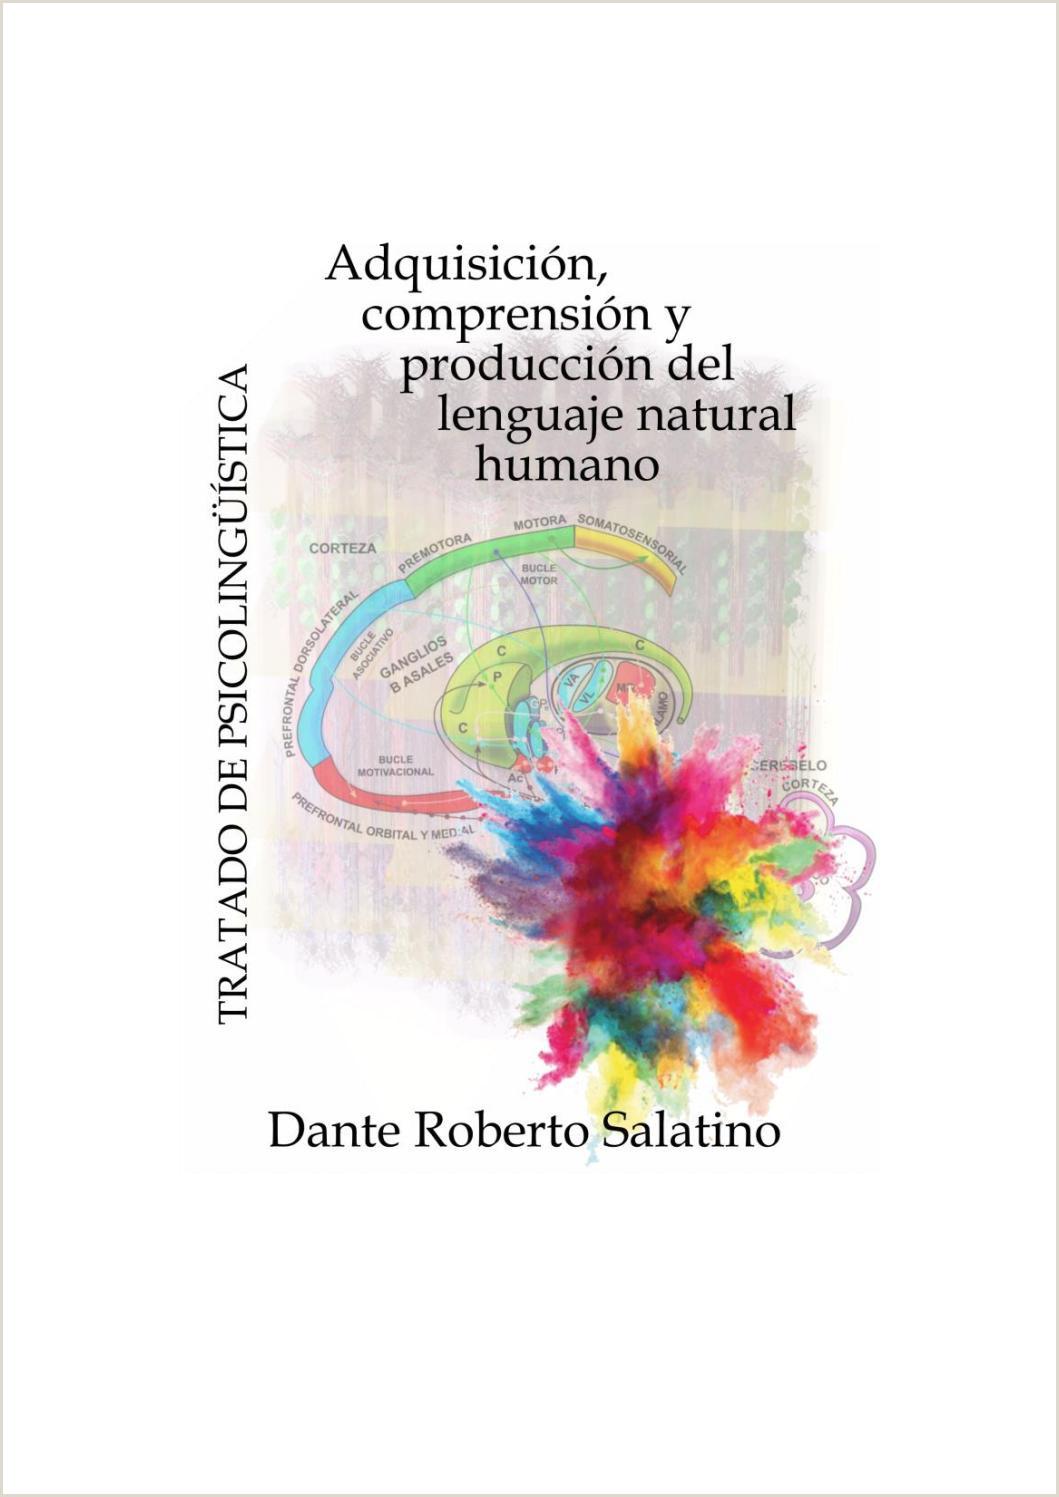 Como Hacer Una Hoja De Vida Cuando No Tienes Experiencia Tratado De Psicolingüstica by Dante Salatino issuu